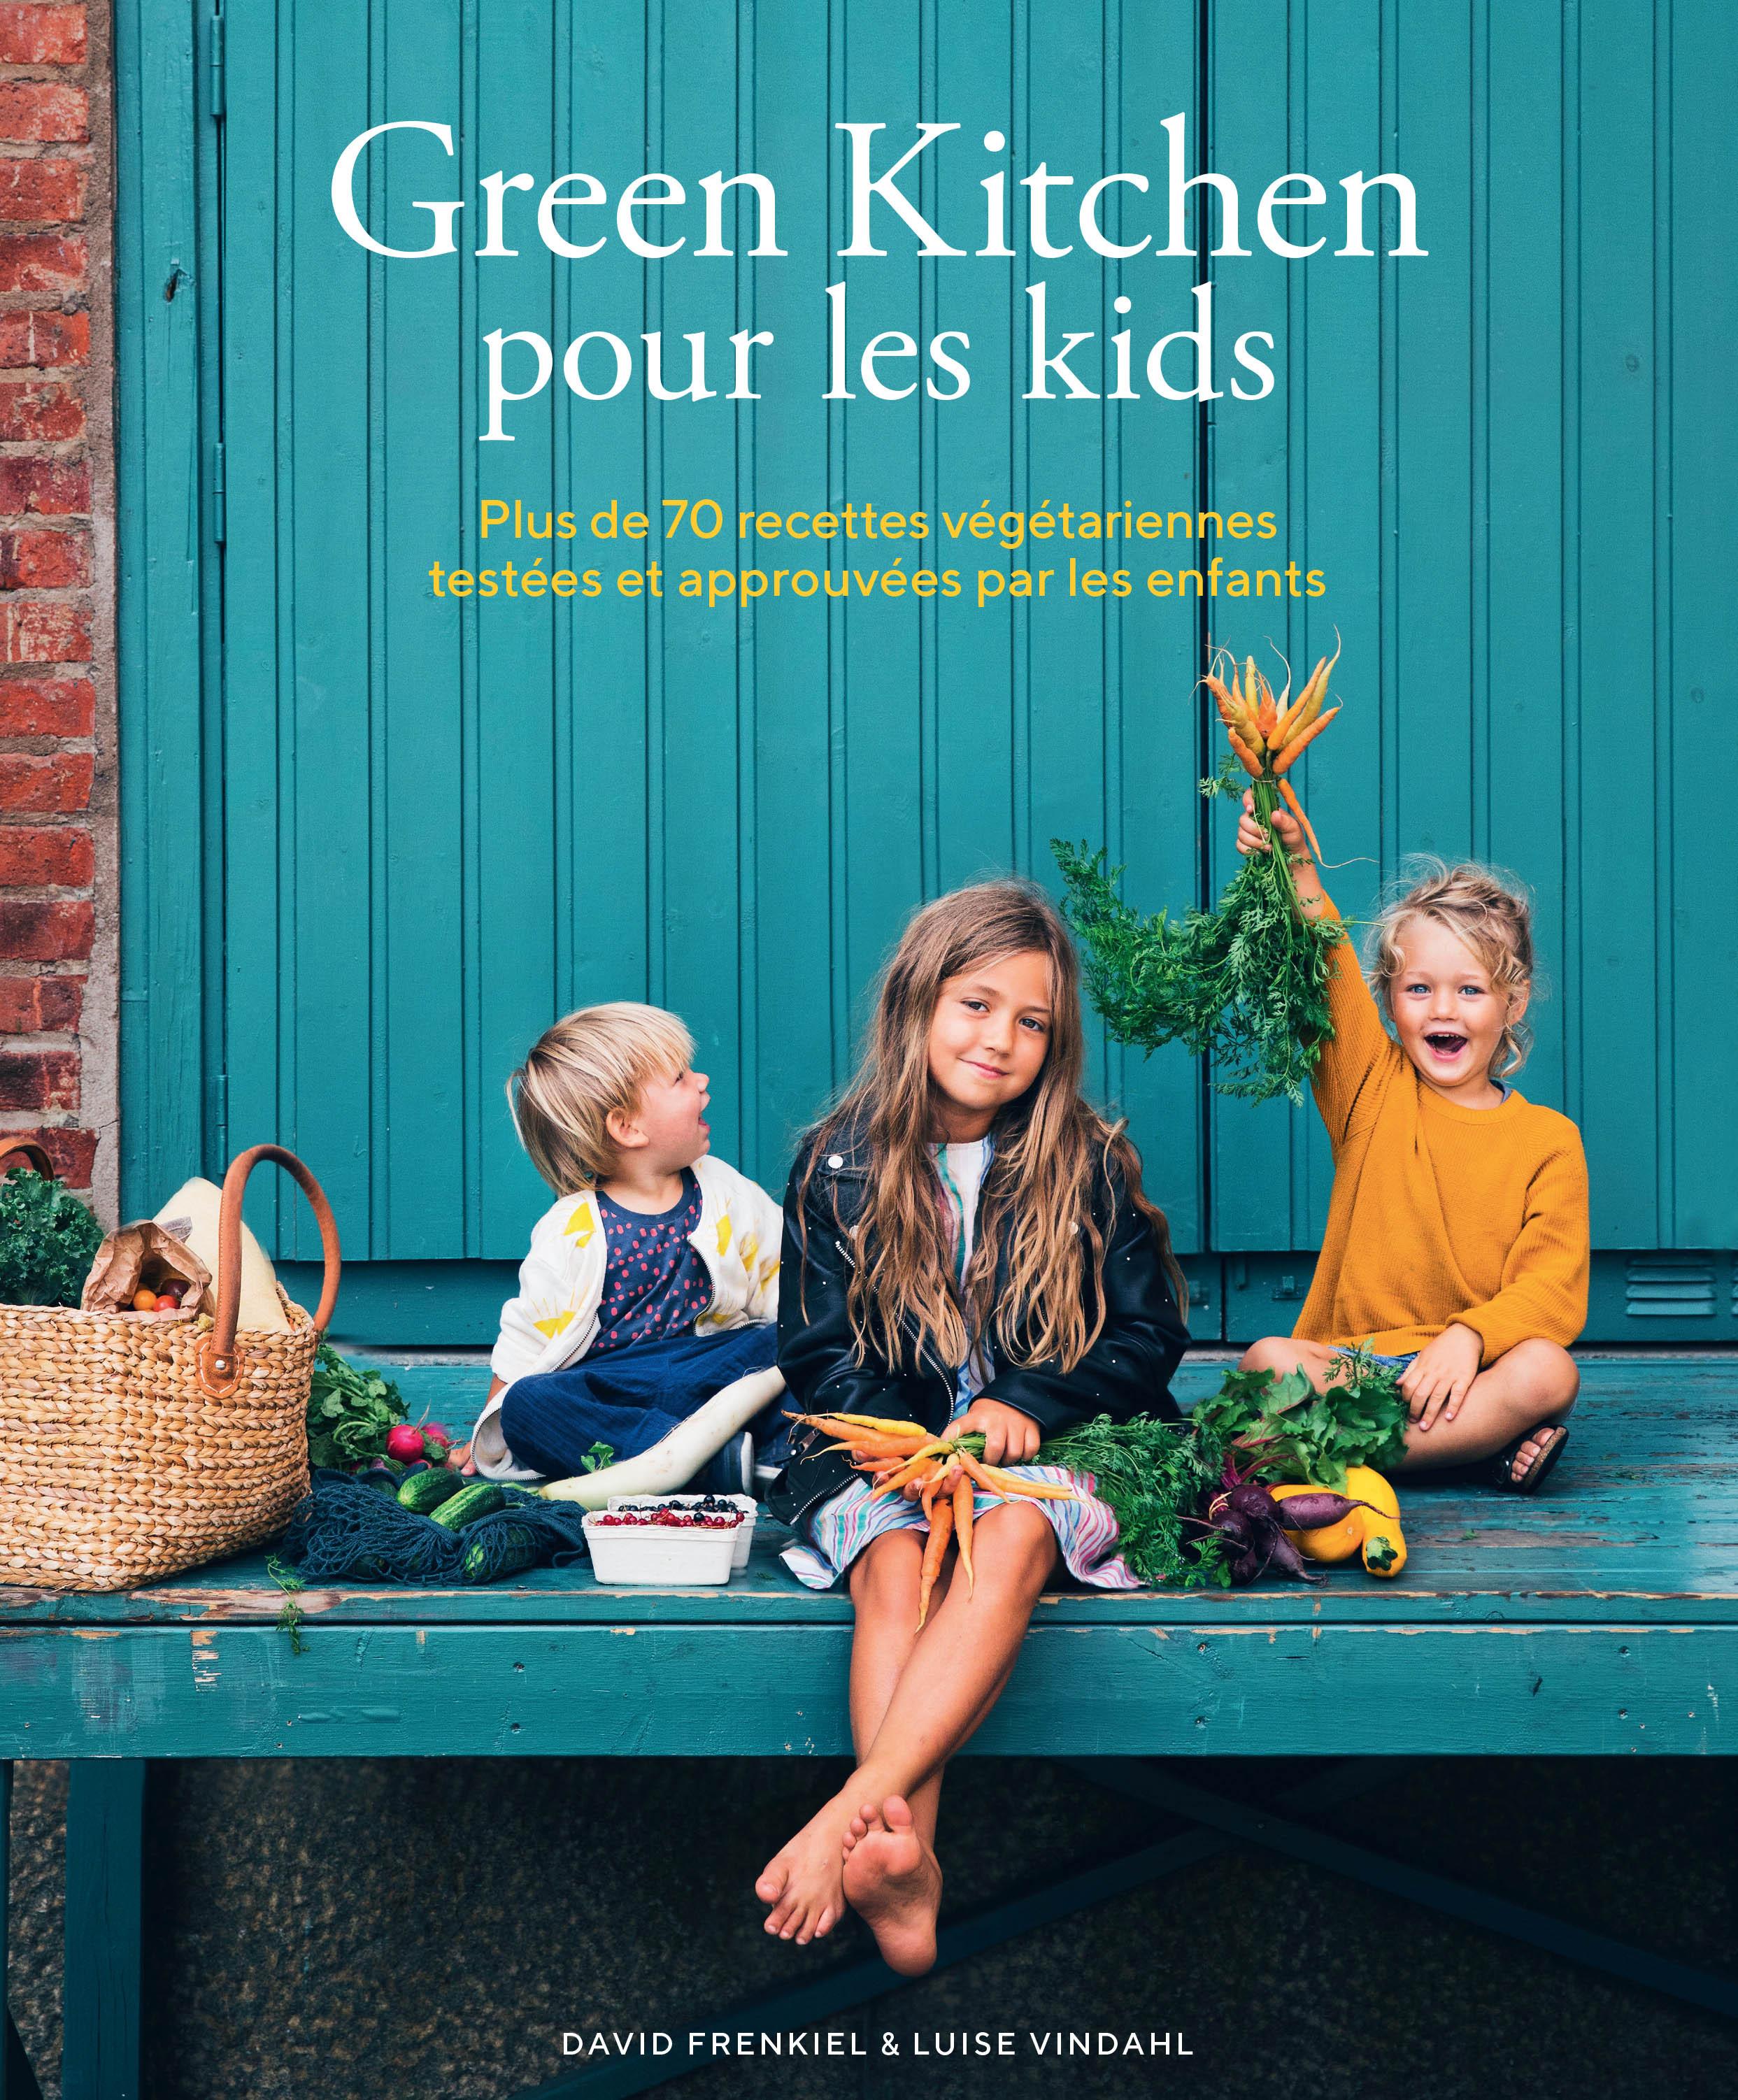 GREEN KITCHEN POUR LES KIDS - PLUS DE 70 RECETTES VEGETARIENNES TESTEES ET APPROUVEES PAR LES ENFANT